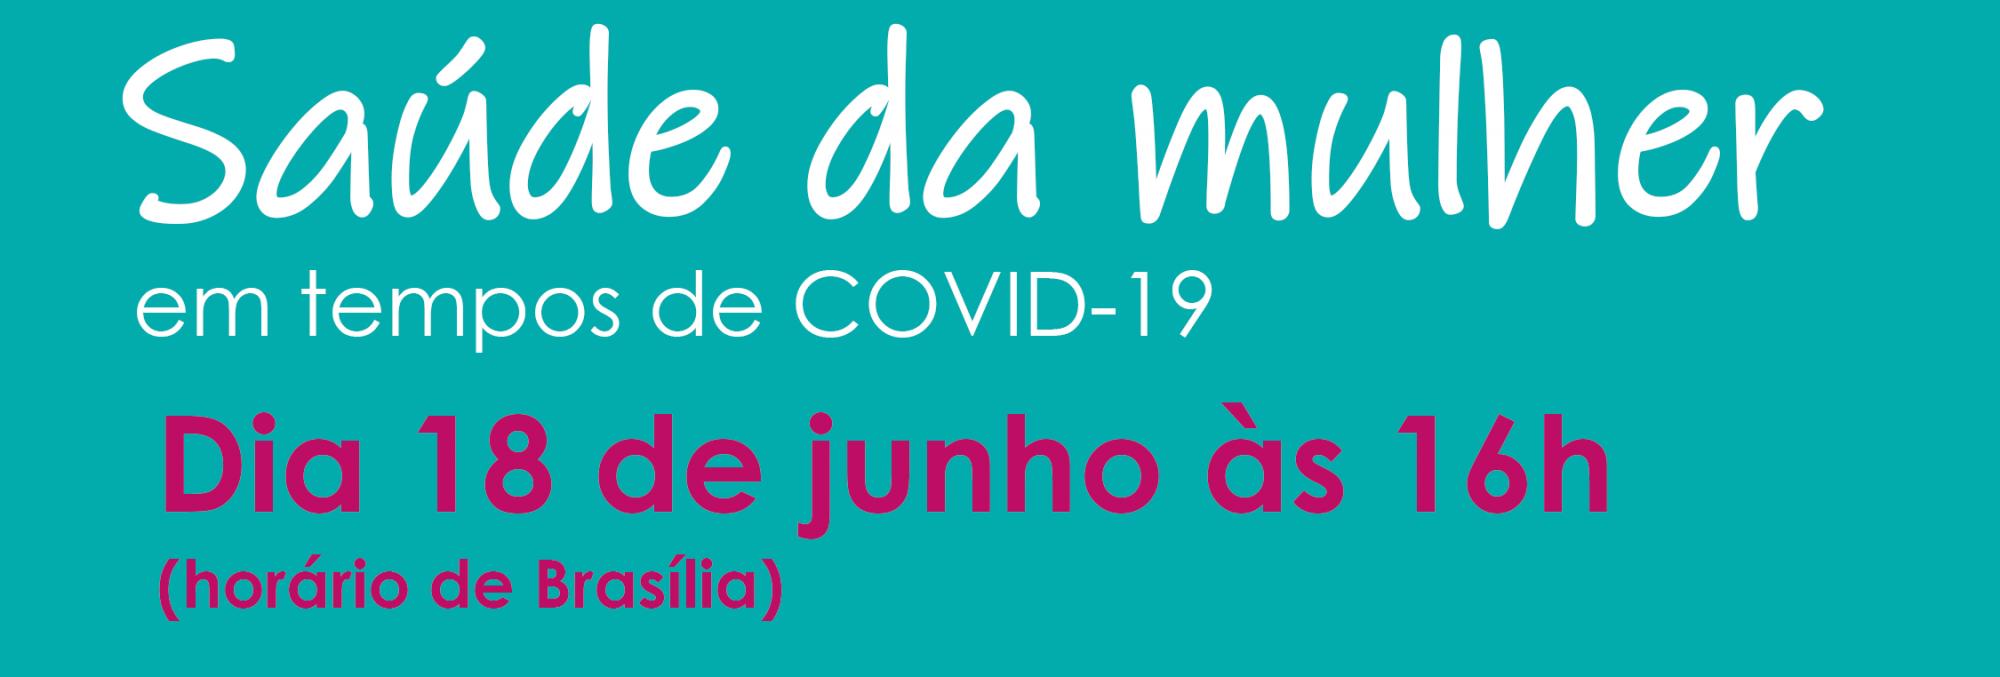 Saúde da Mulher em Tempos de Covid-19  Dia 18/06 às 16h (Horário de Brásilia))